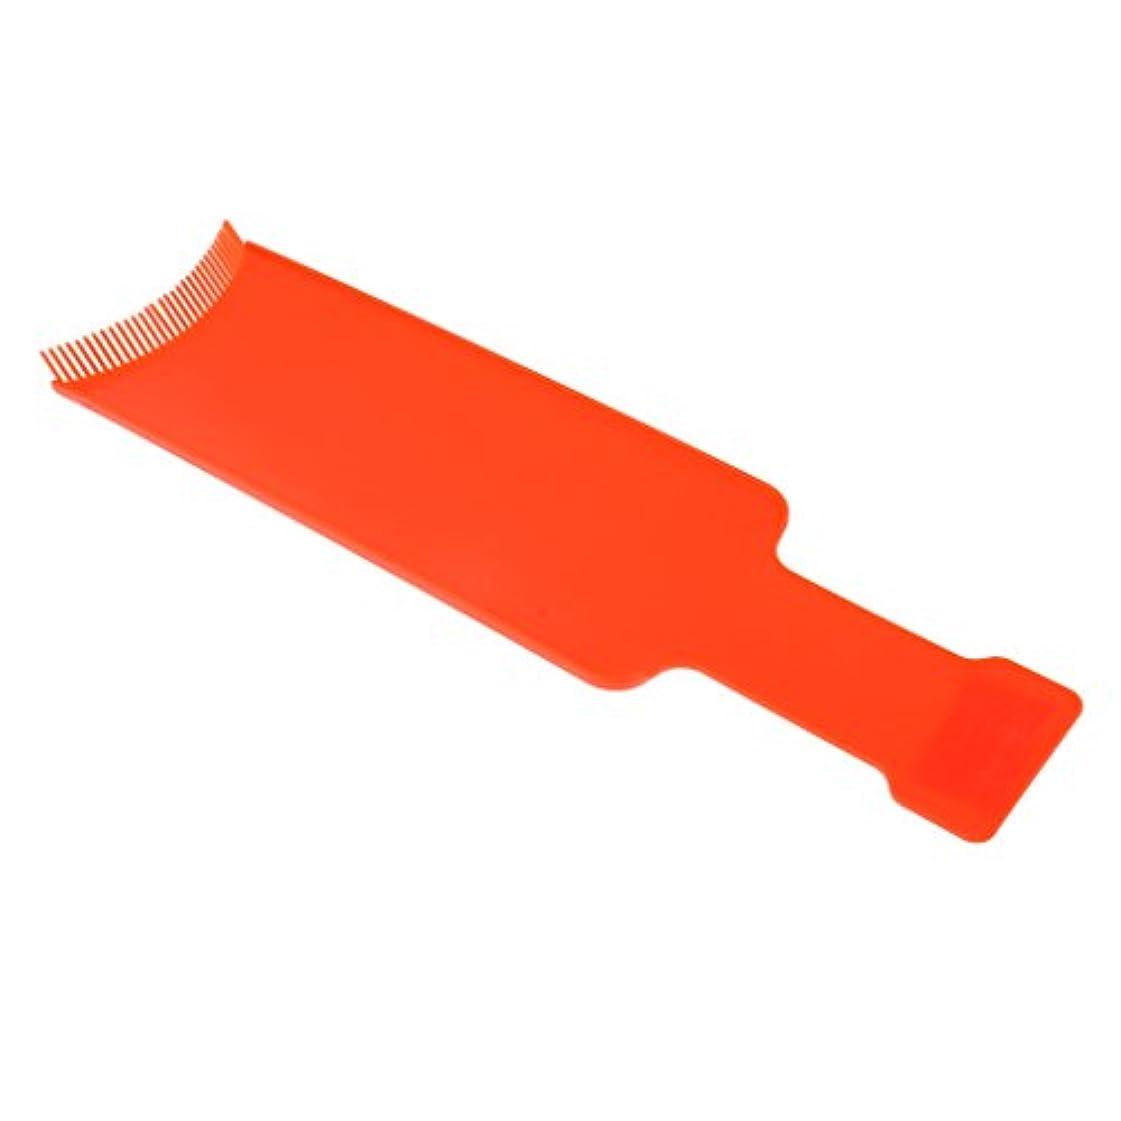 ビデオ城スケジュールDYNWAVE 髪染めボード理美容着色ブラシティントコーム - オレンジ, L